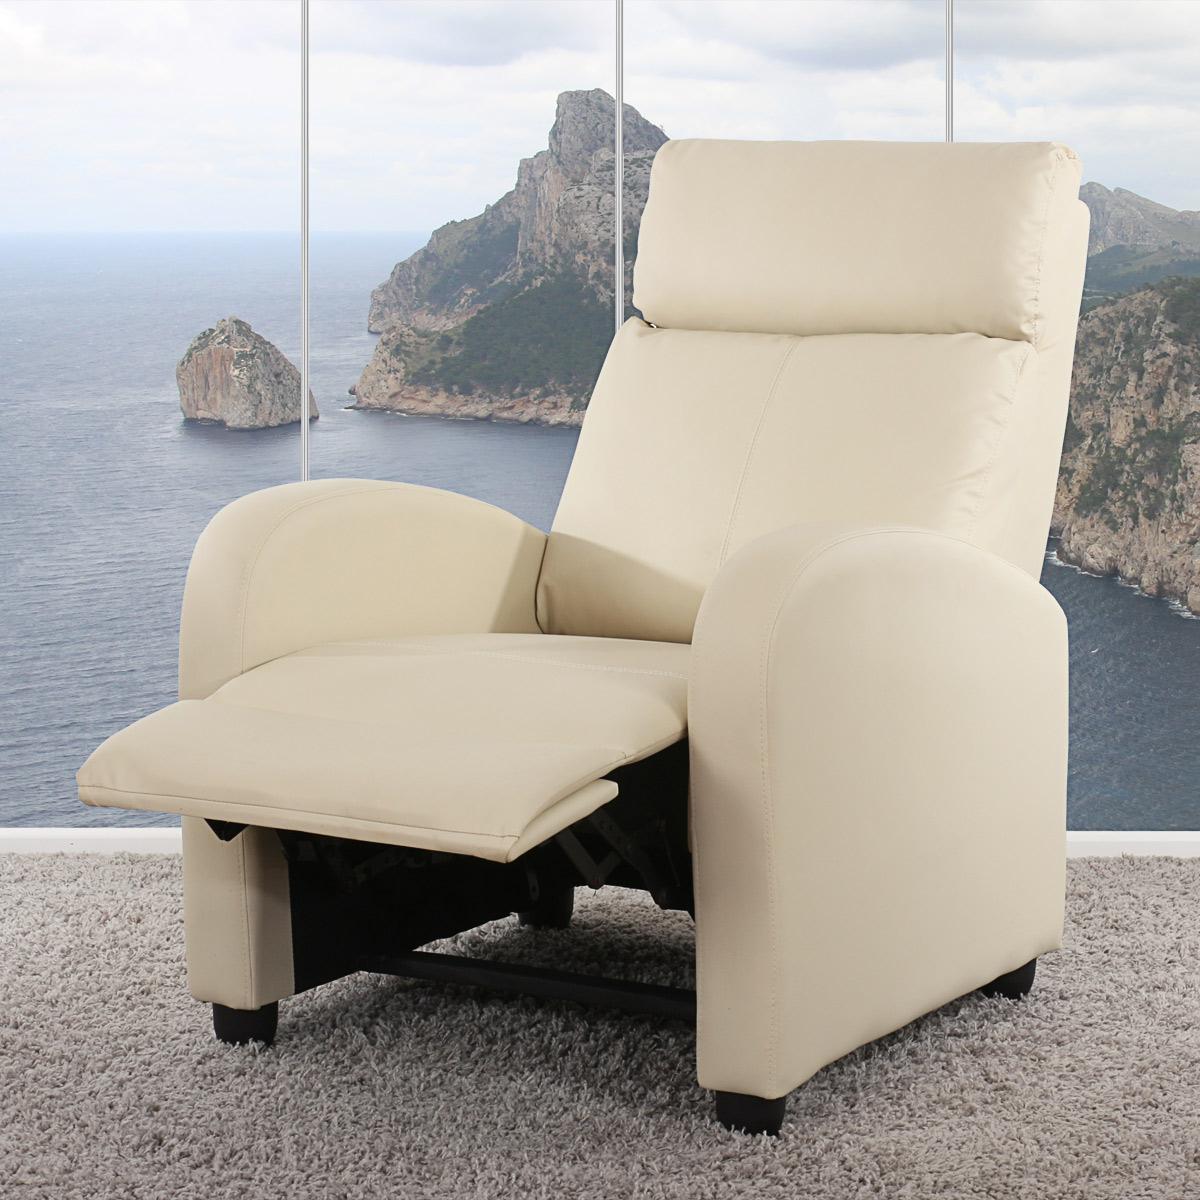 fernsehsessel mit kippfunktion denver creme. Black Bedroom Furniture Sets. Home Design Ideas